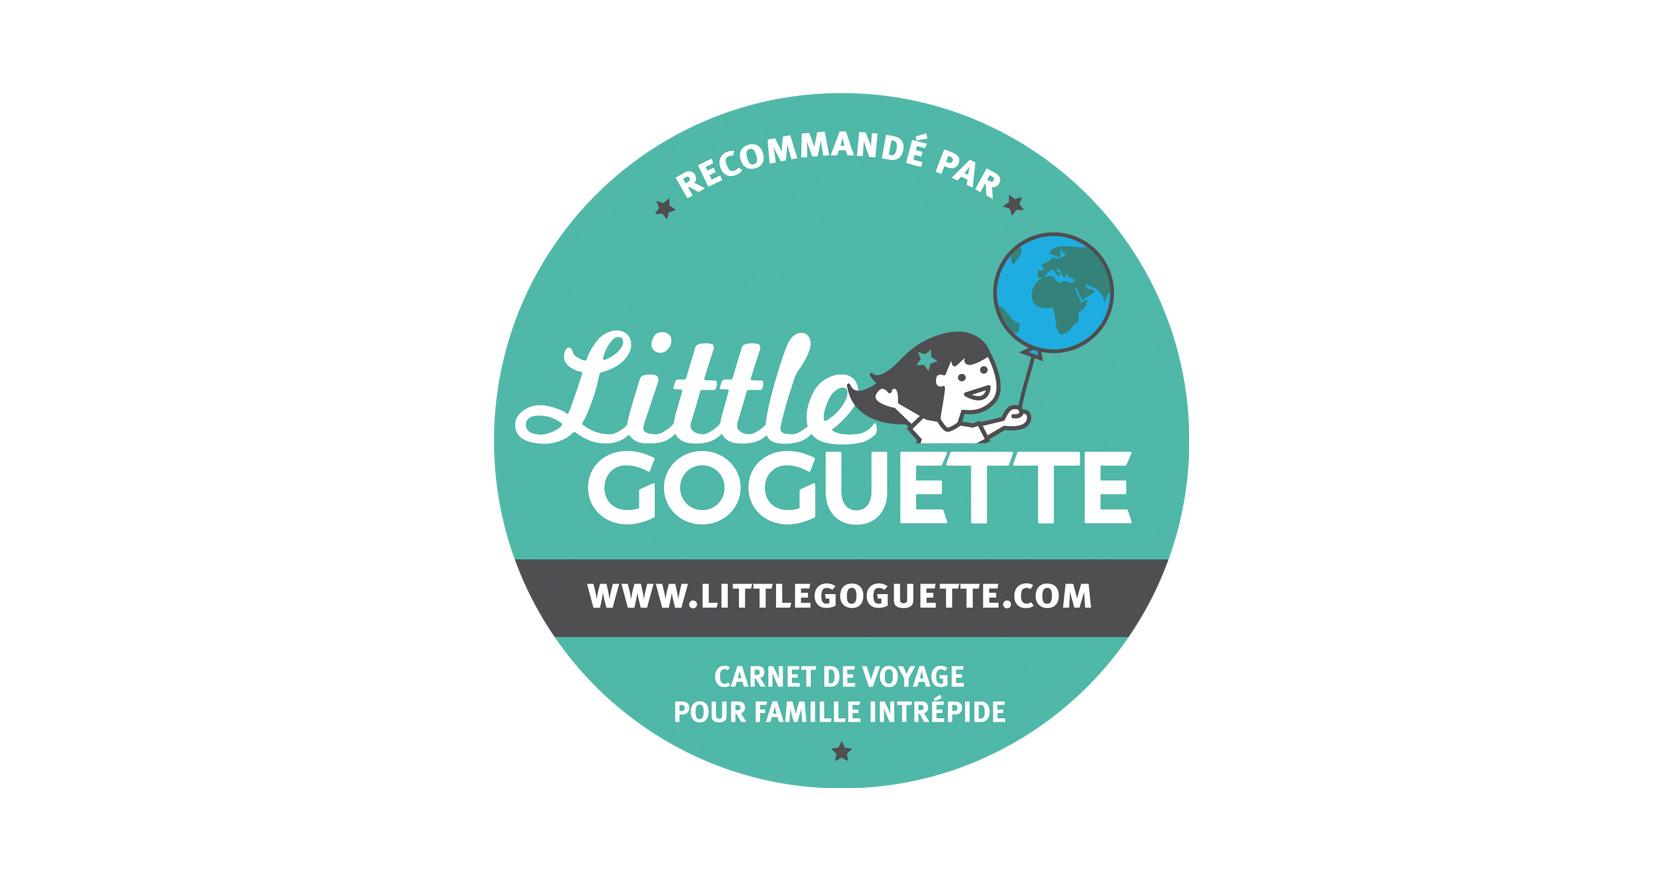 sticker Little Goguette : illustration, logo, identité, site web - Wala Studio Graphique